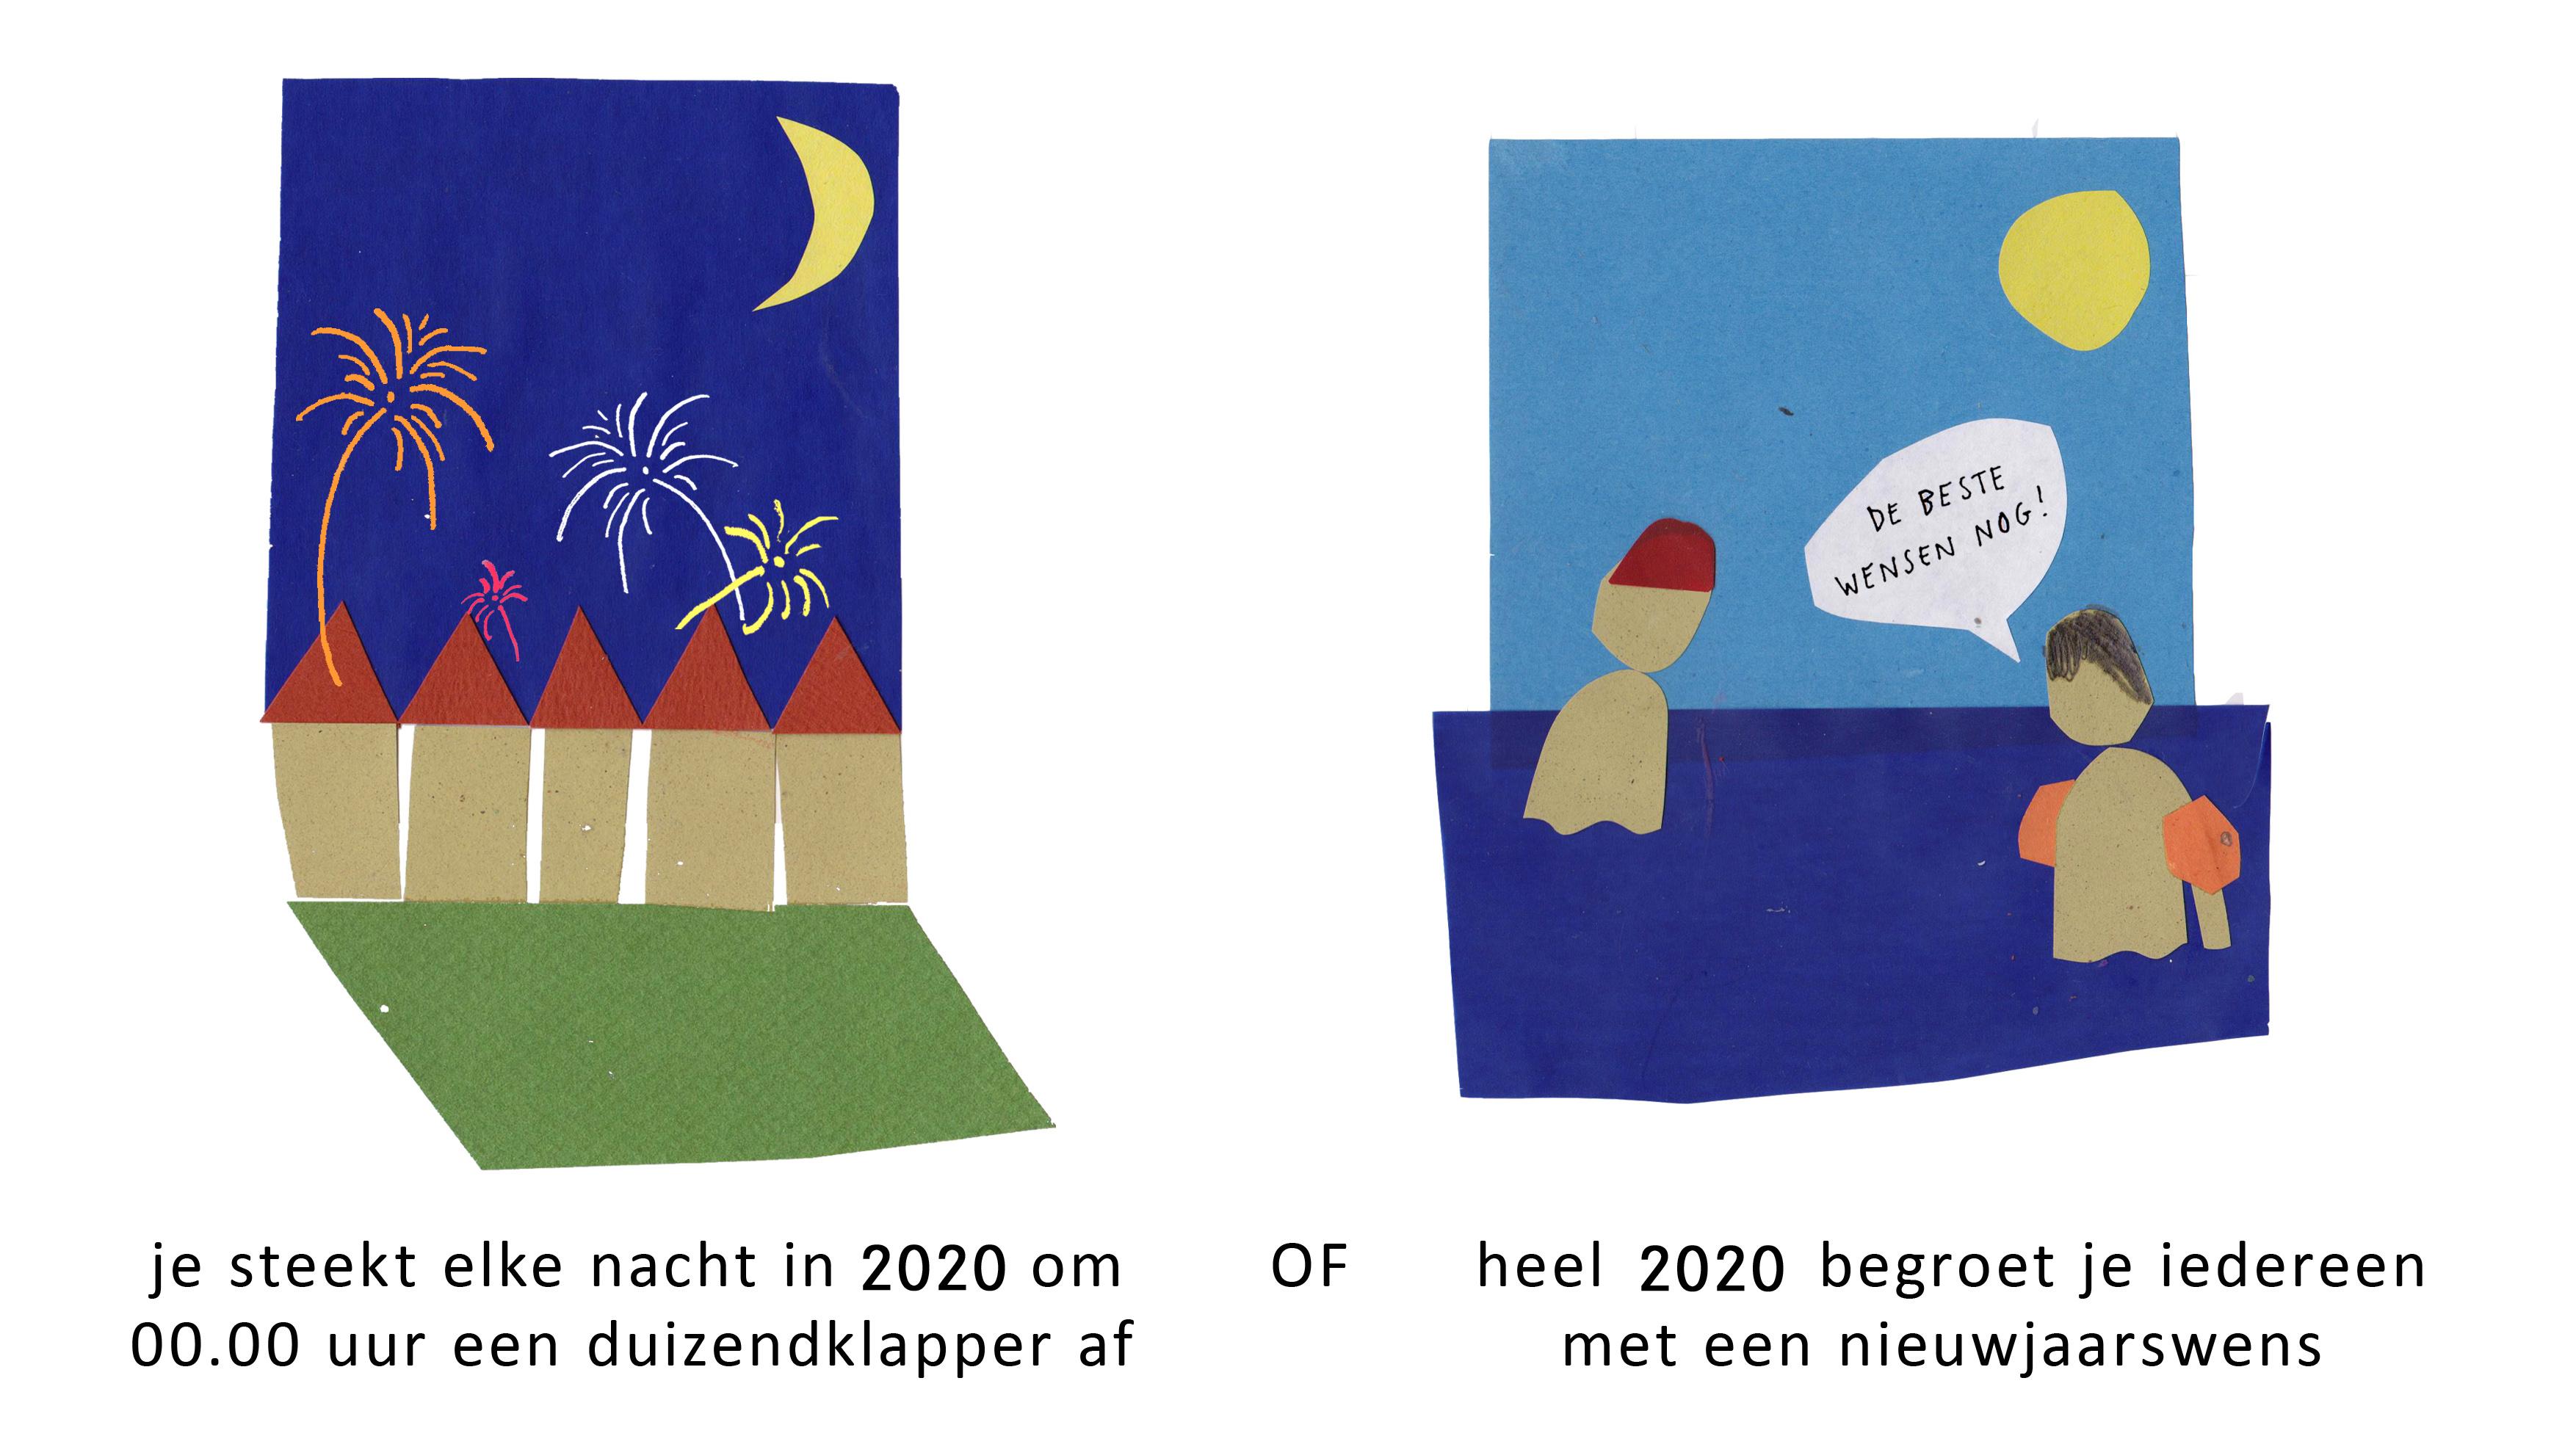 #351 je steekt elke nacht in 2020 om 00.00 uur een duizendklapper af -OF- heel 2020 begroet je iedereen met een nieuwjaarswens